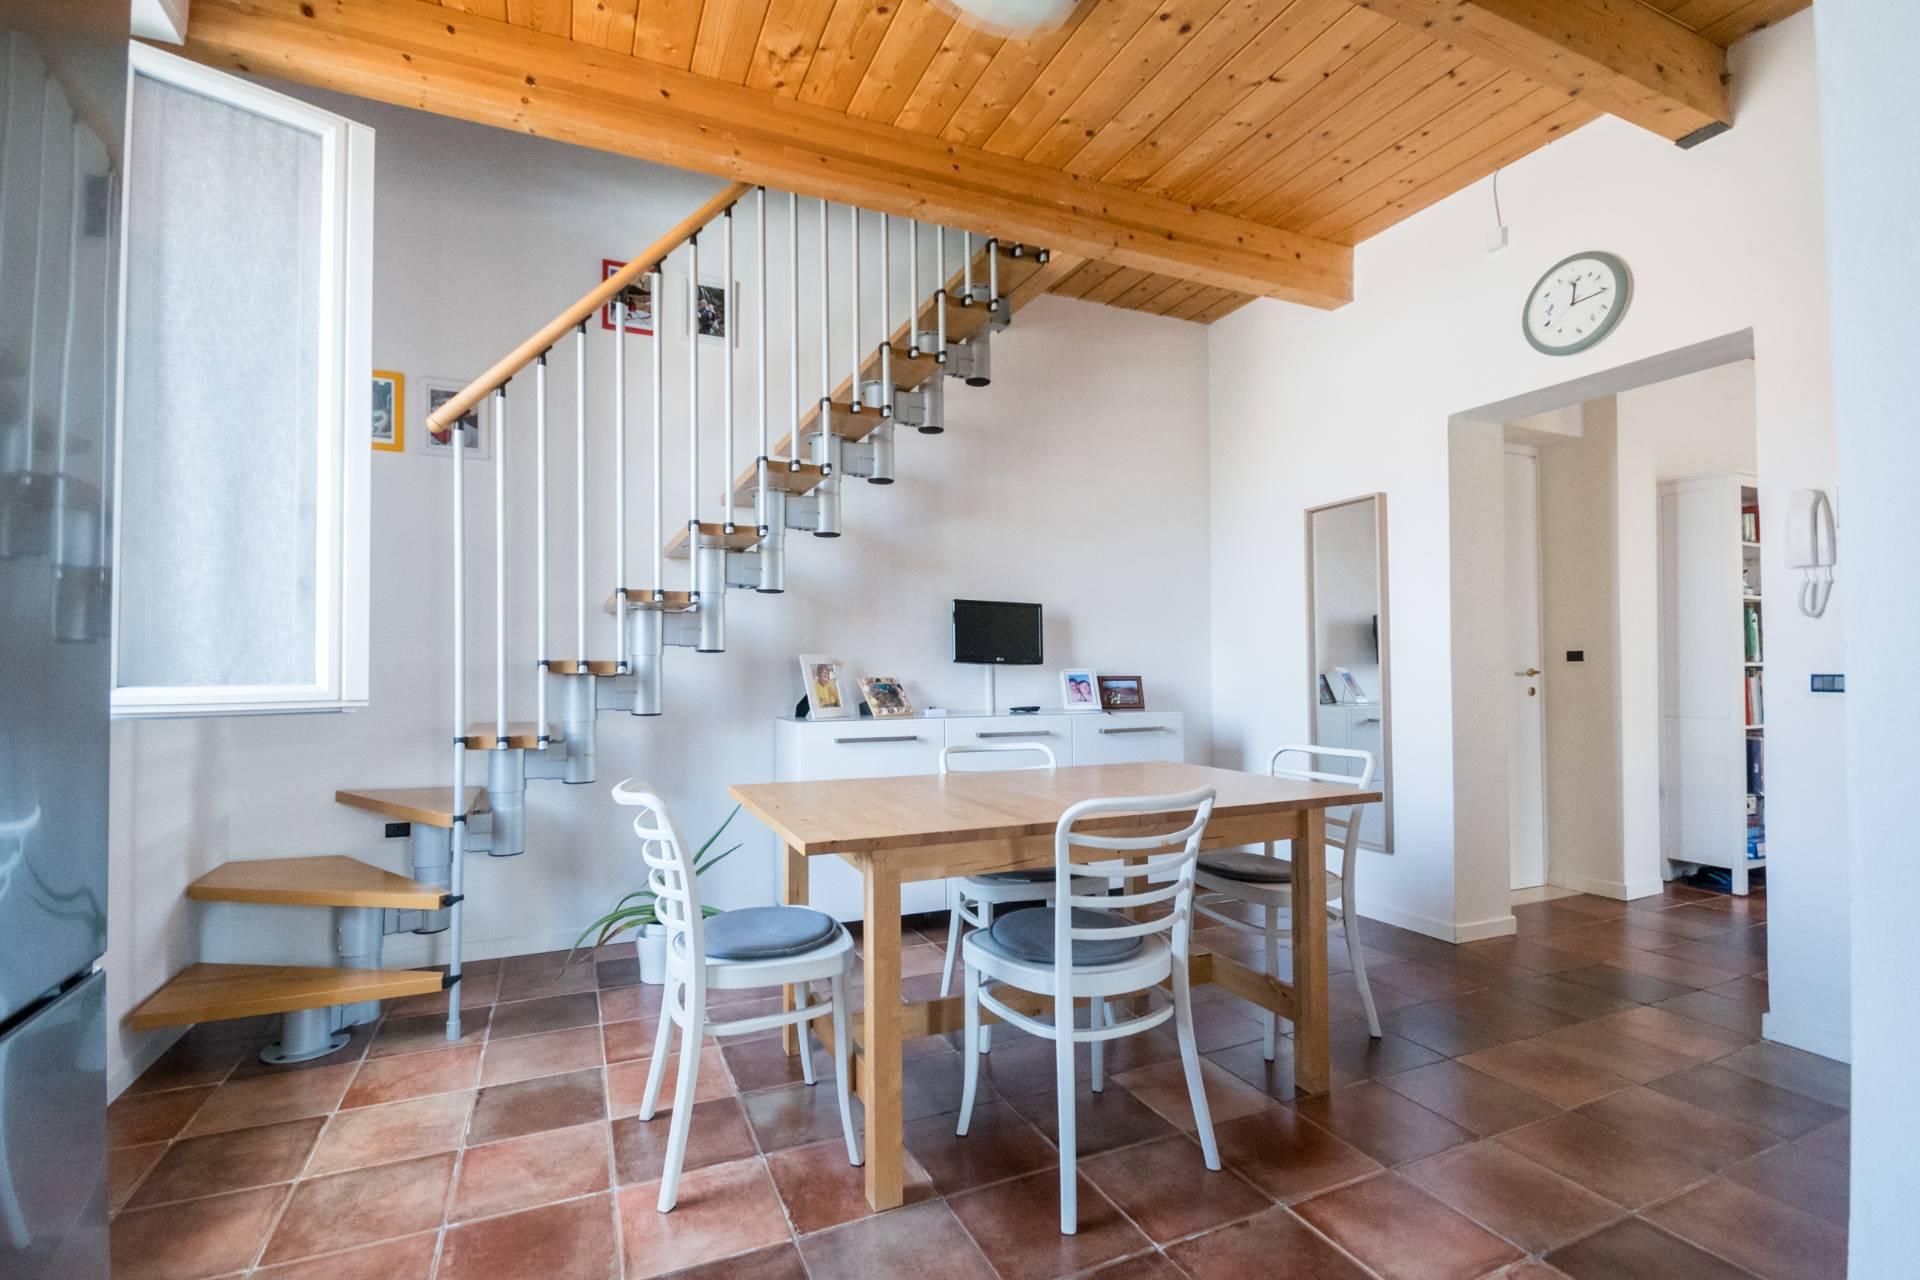 Appartamento in vendita a Pesaro, 3 locali, zona Zona: Loreto, prezzo € 210.000   CambioCasa.it